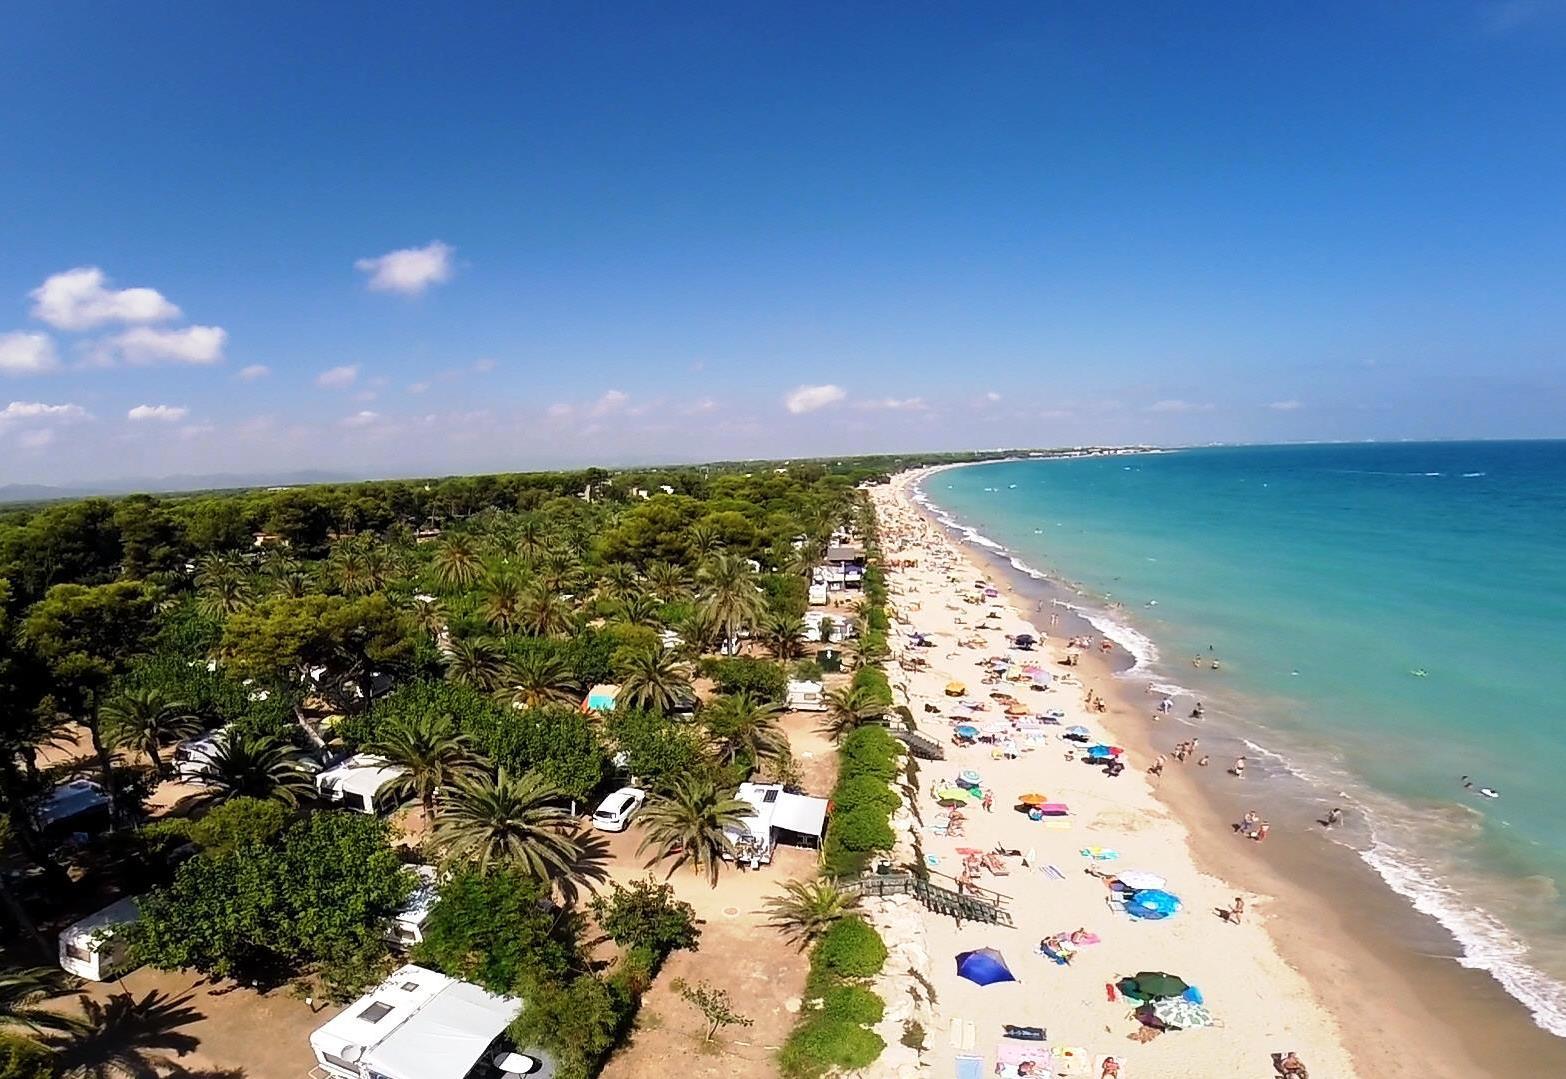 Votre Camping En Bord De Mer En Espagne serapportantà Camping Bord De Mer Mediterranee Avec Piscine